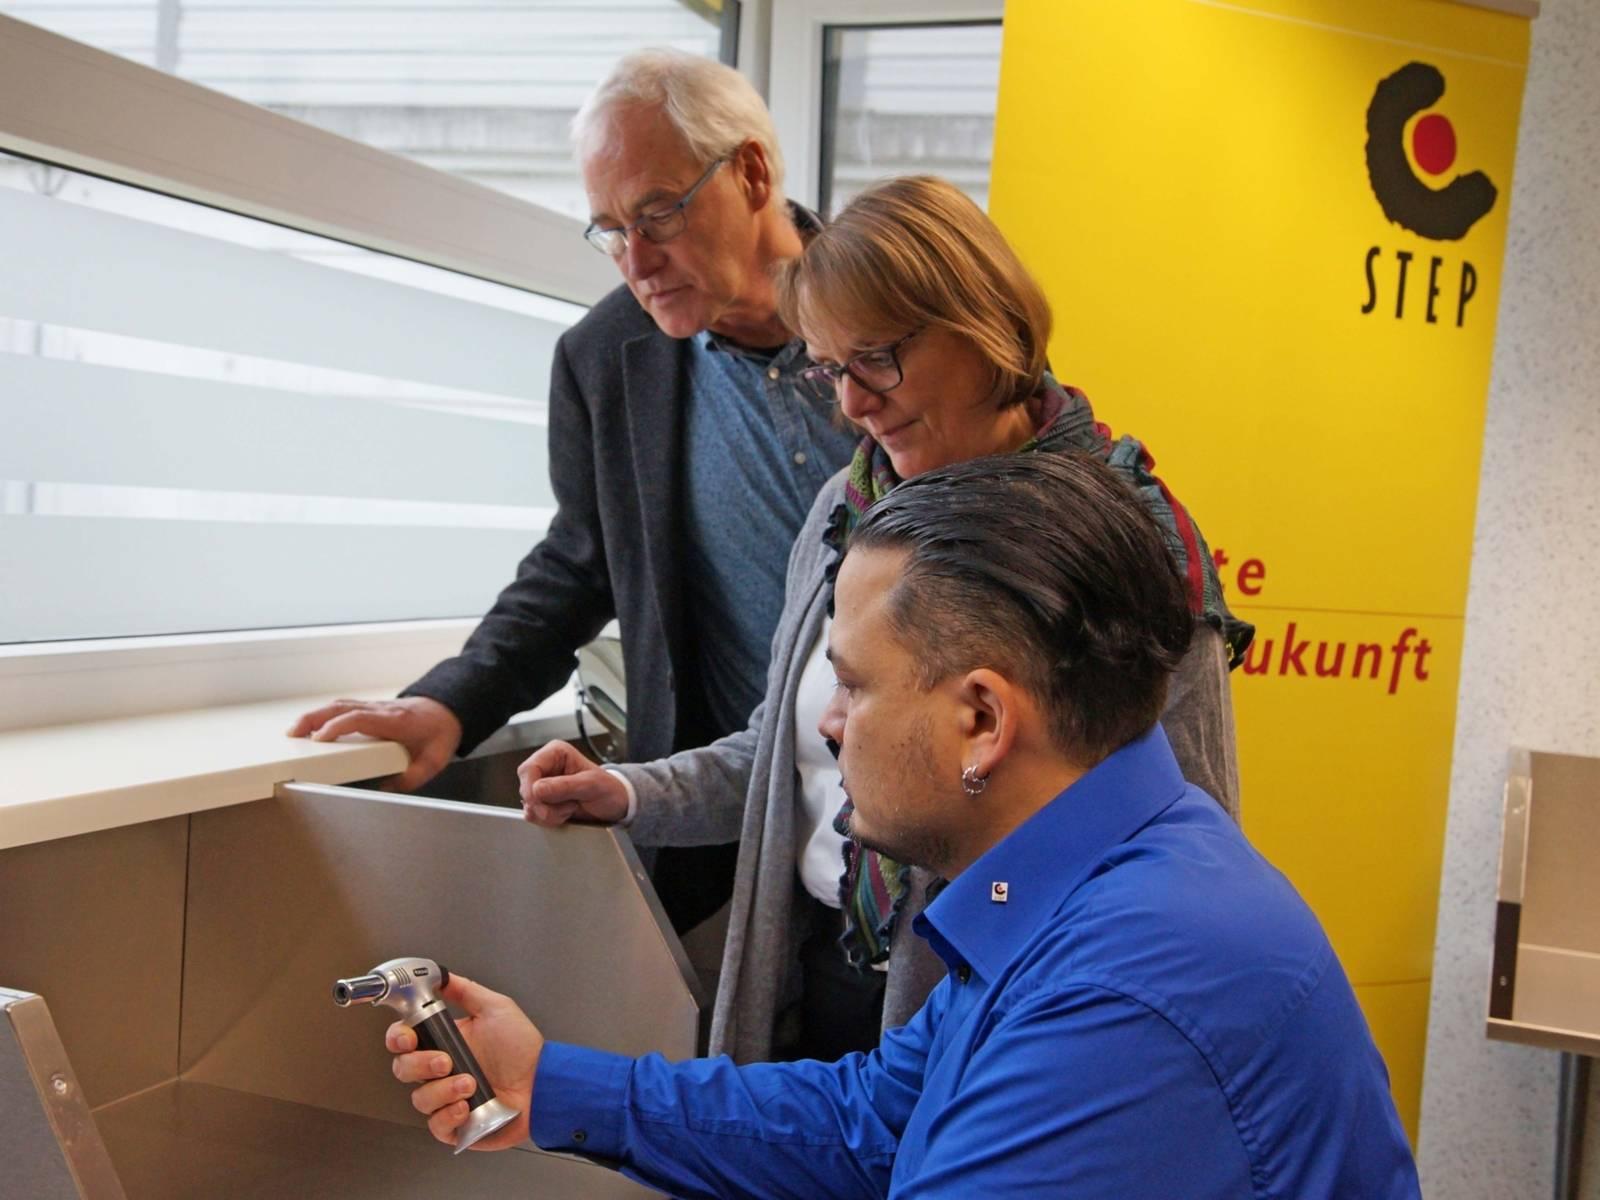 Ein Mann zeigt einer Frau und einem weiteren Mann ein technisches Gerät.